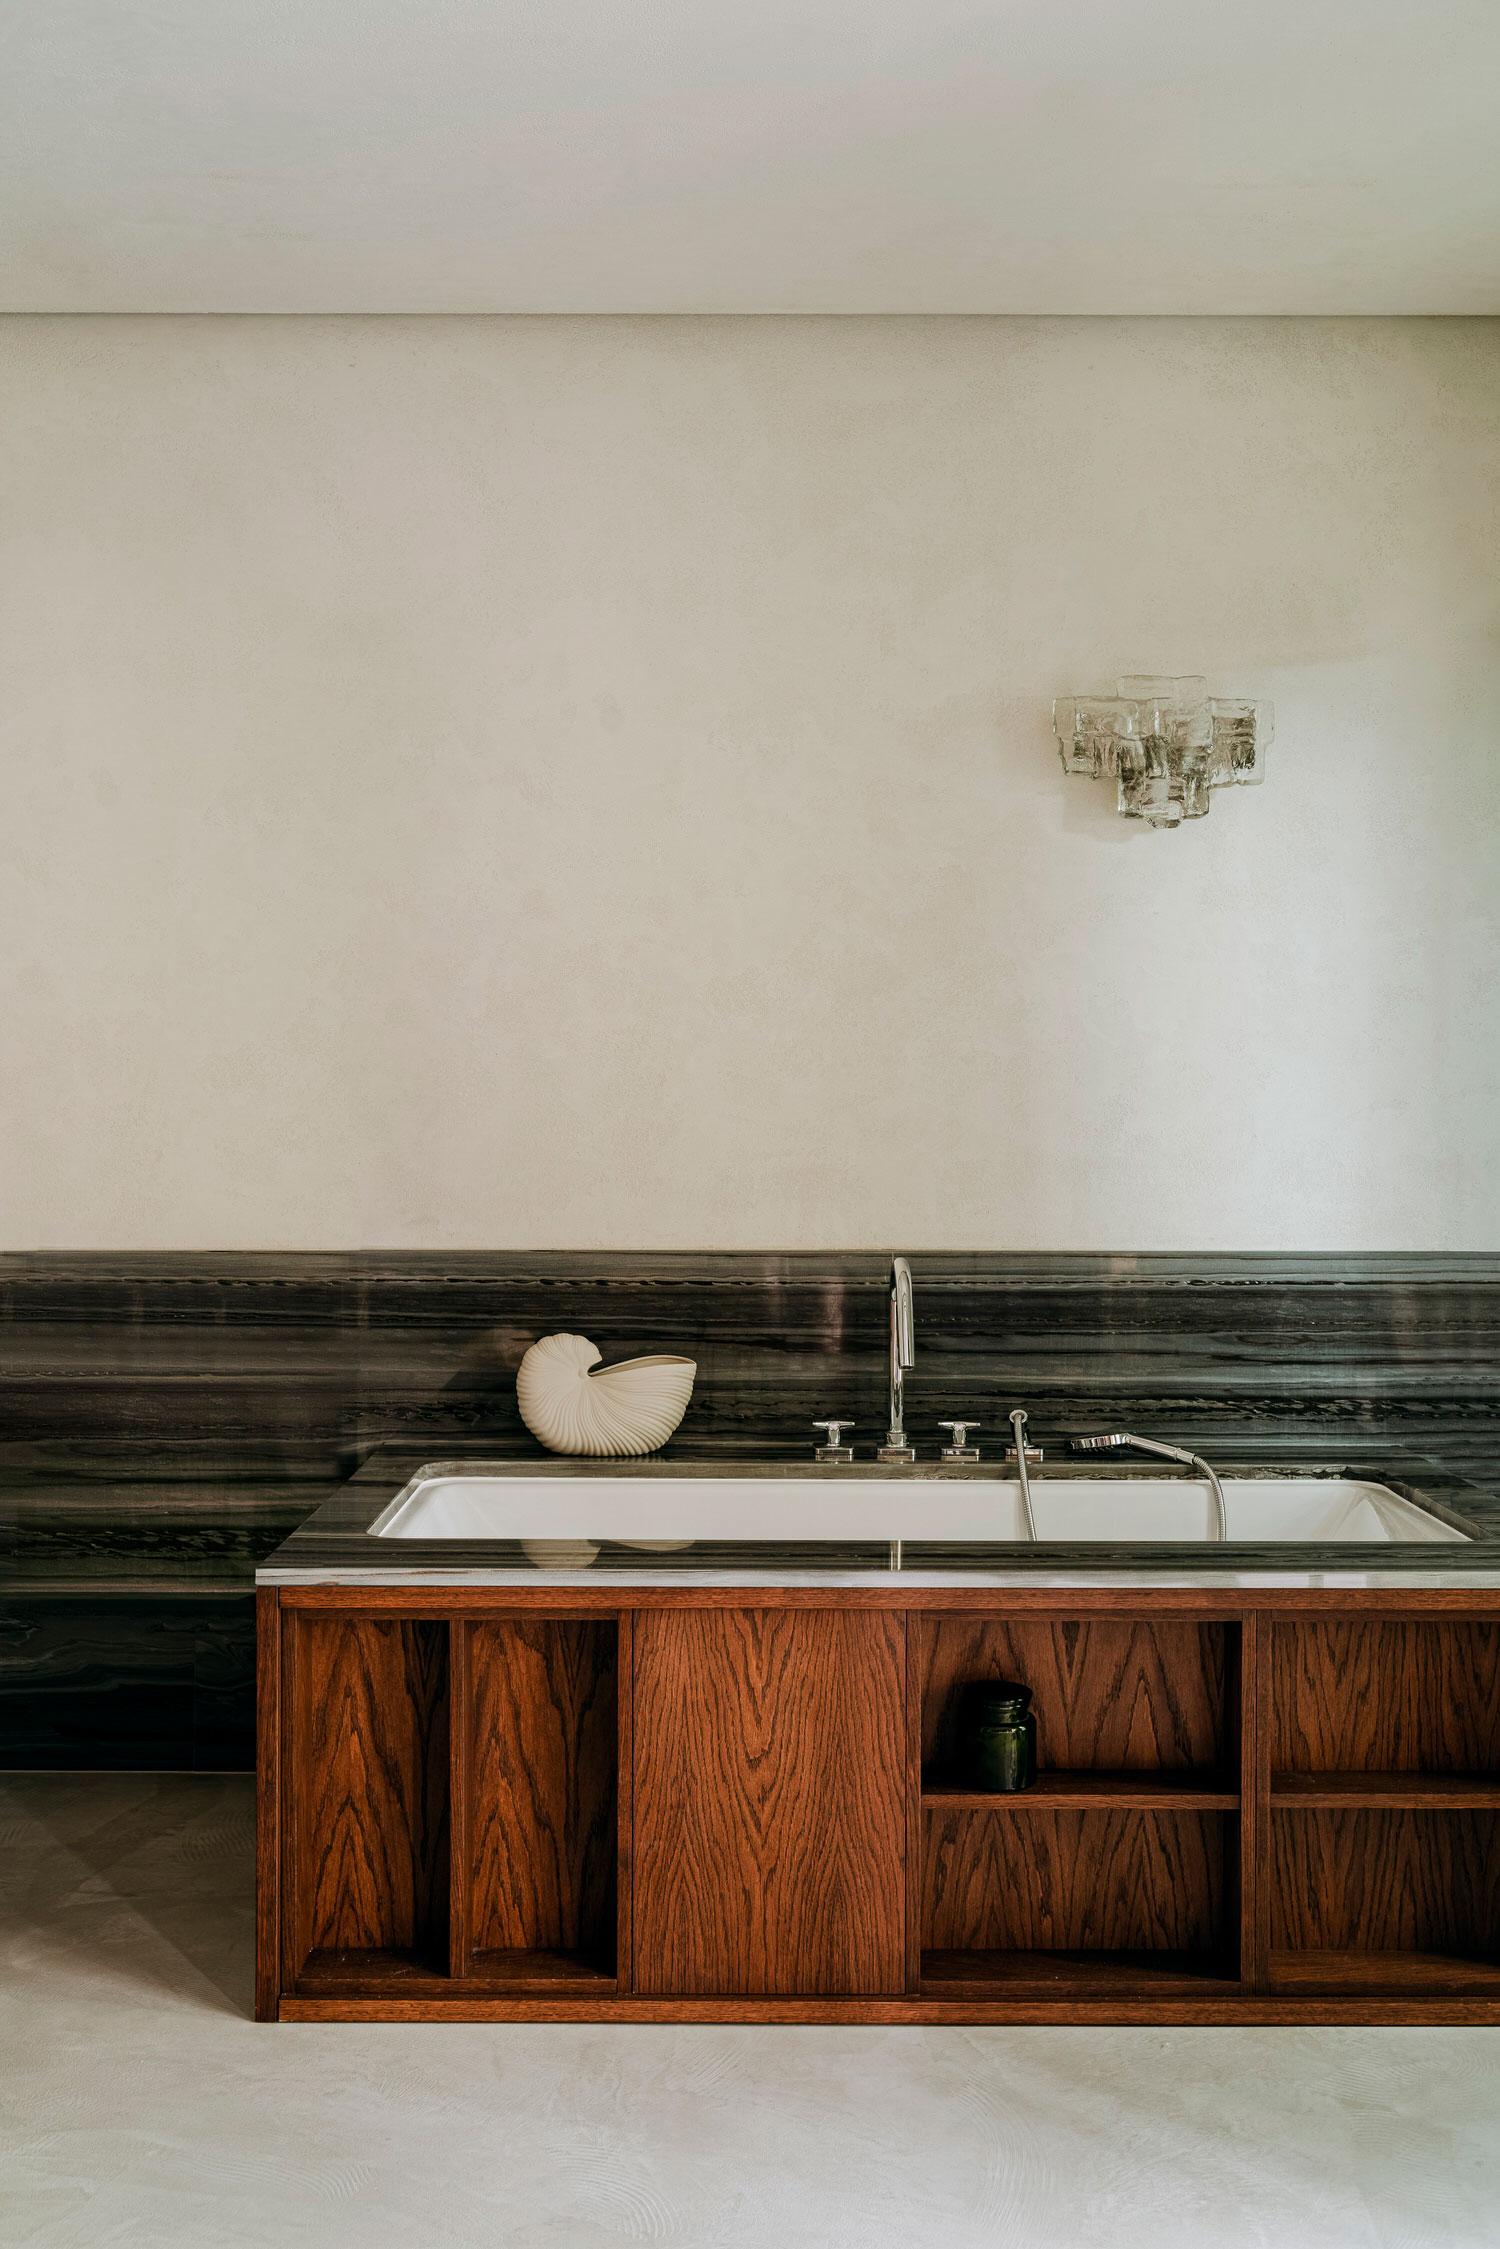 Paradowski Studio Fnl Apartment Warsaw Interiors Photo Pion Studio Yellowtrace 26